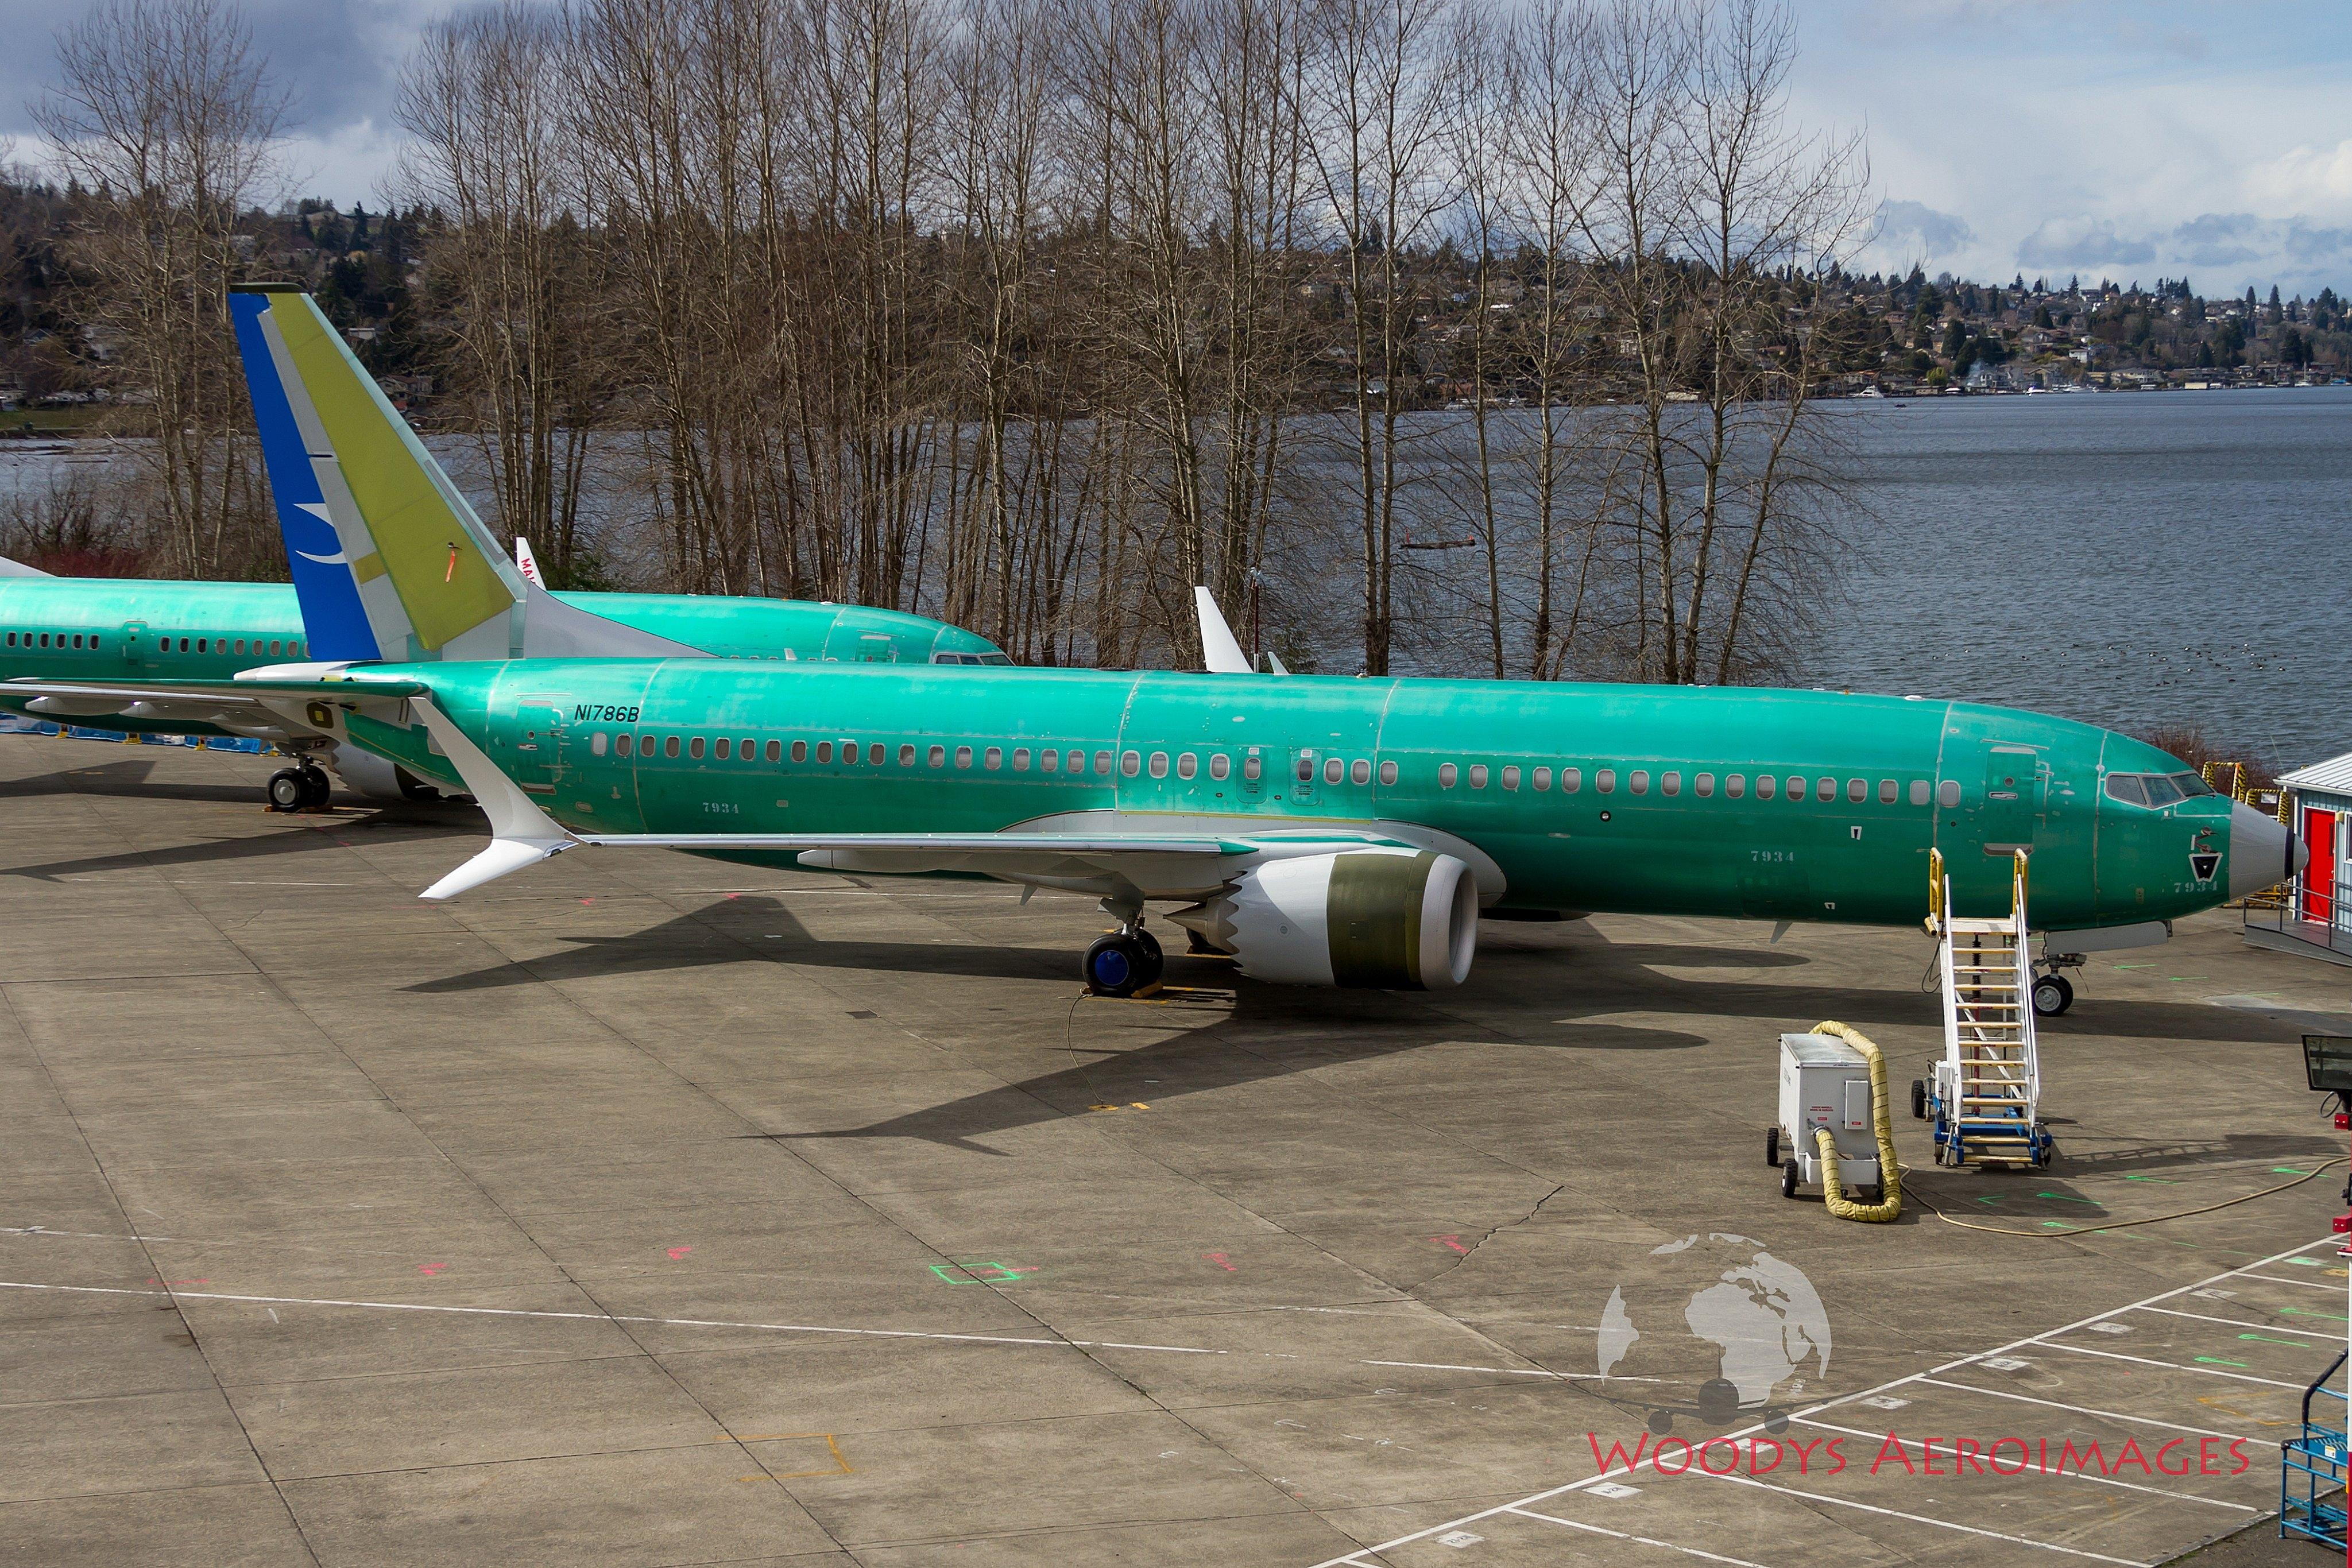 多图:波音新一批737MAX总装下线 国航厦航均在列